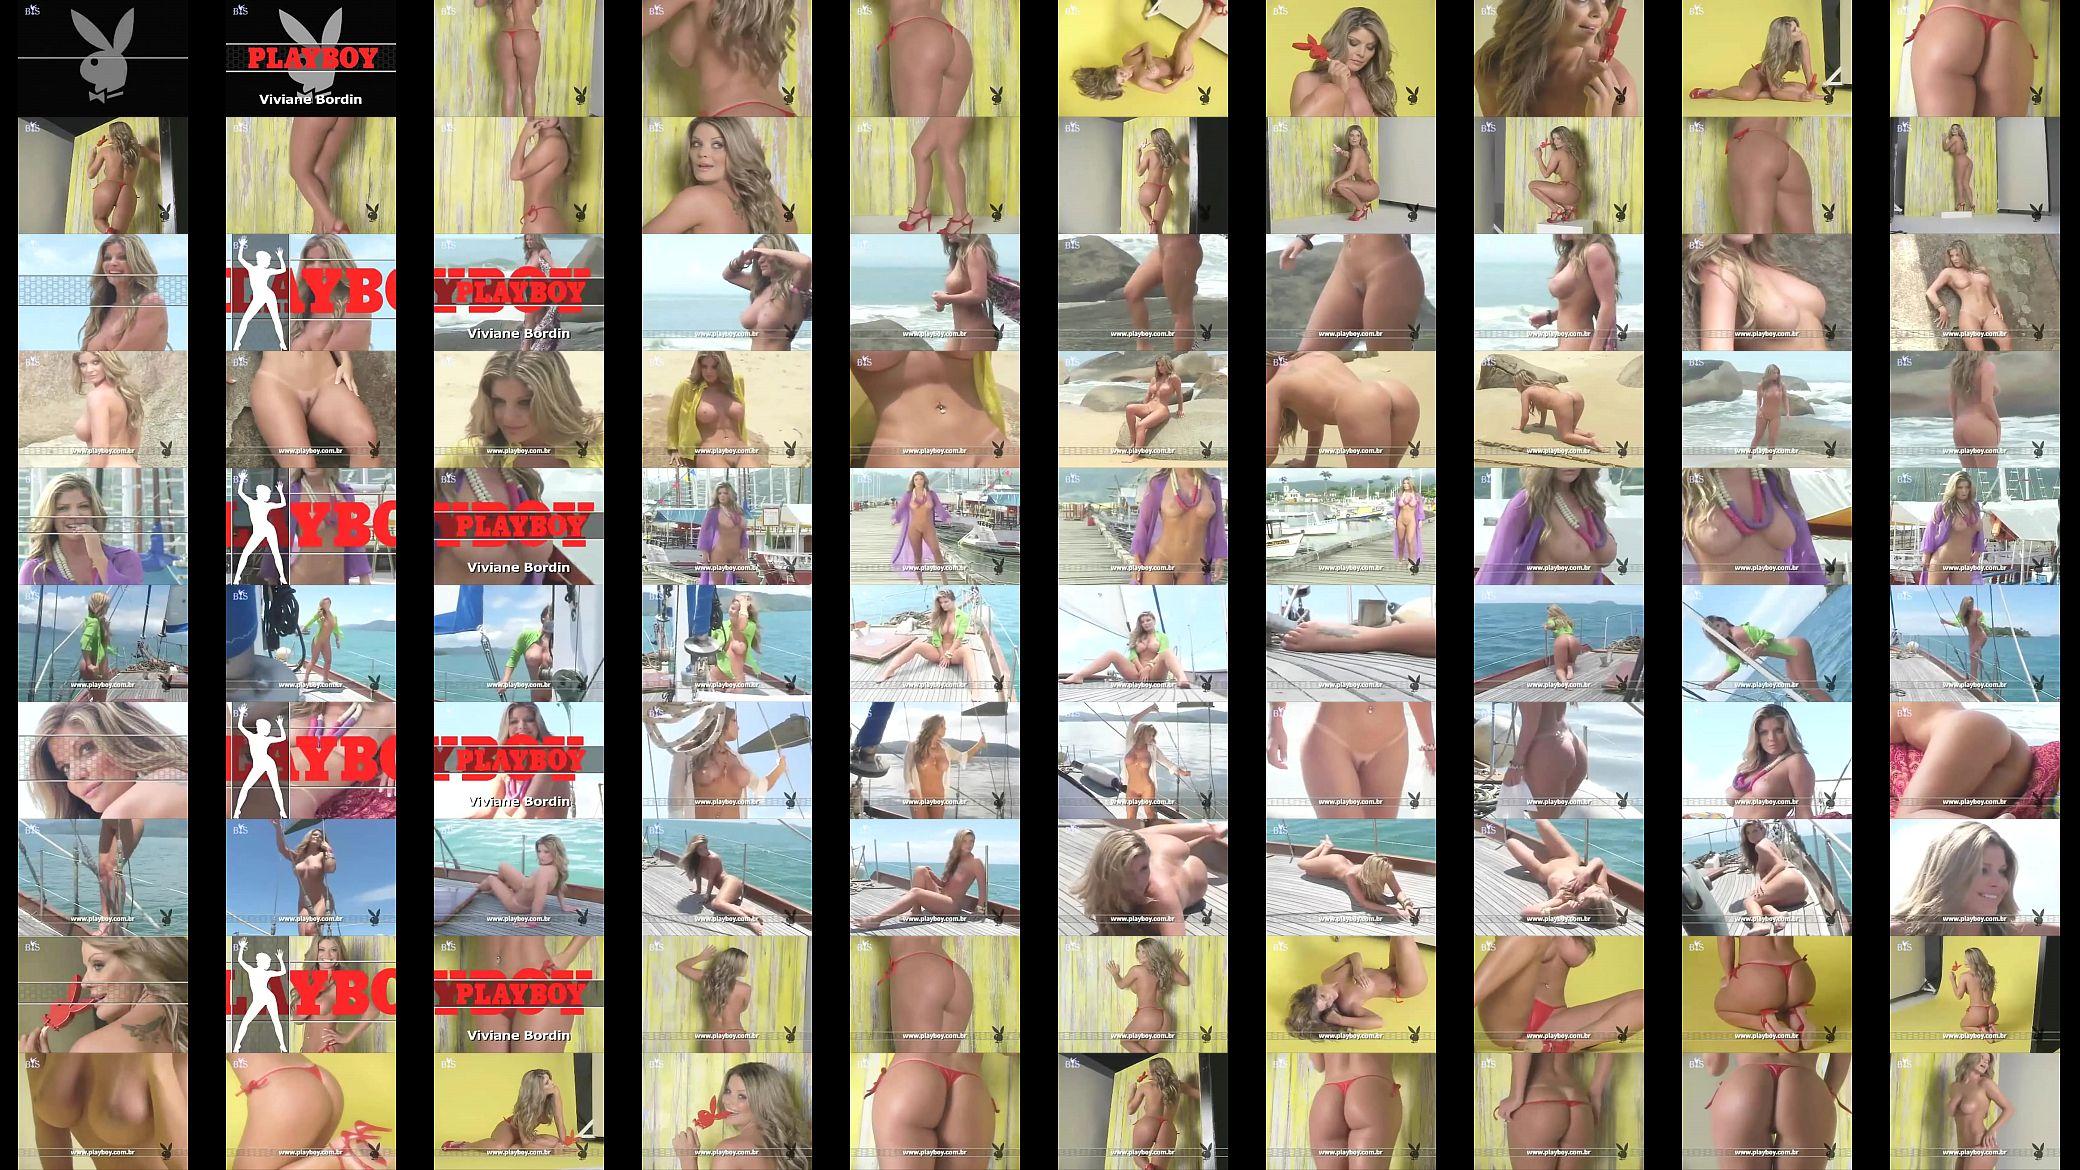 Viviane Bordin Xvideoscom